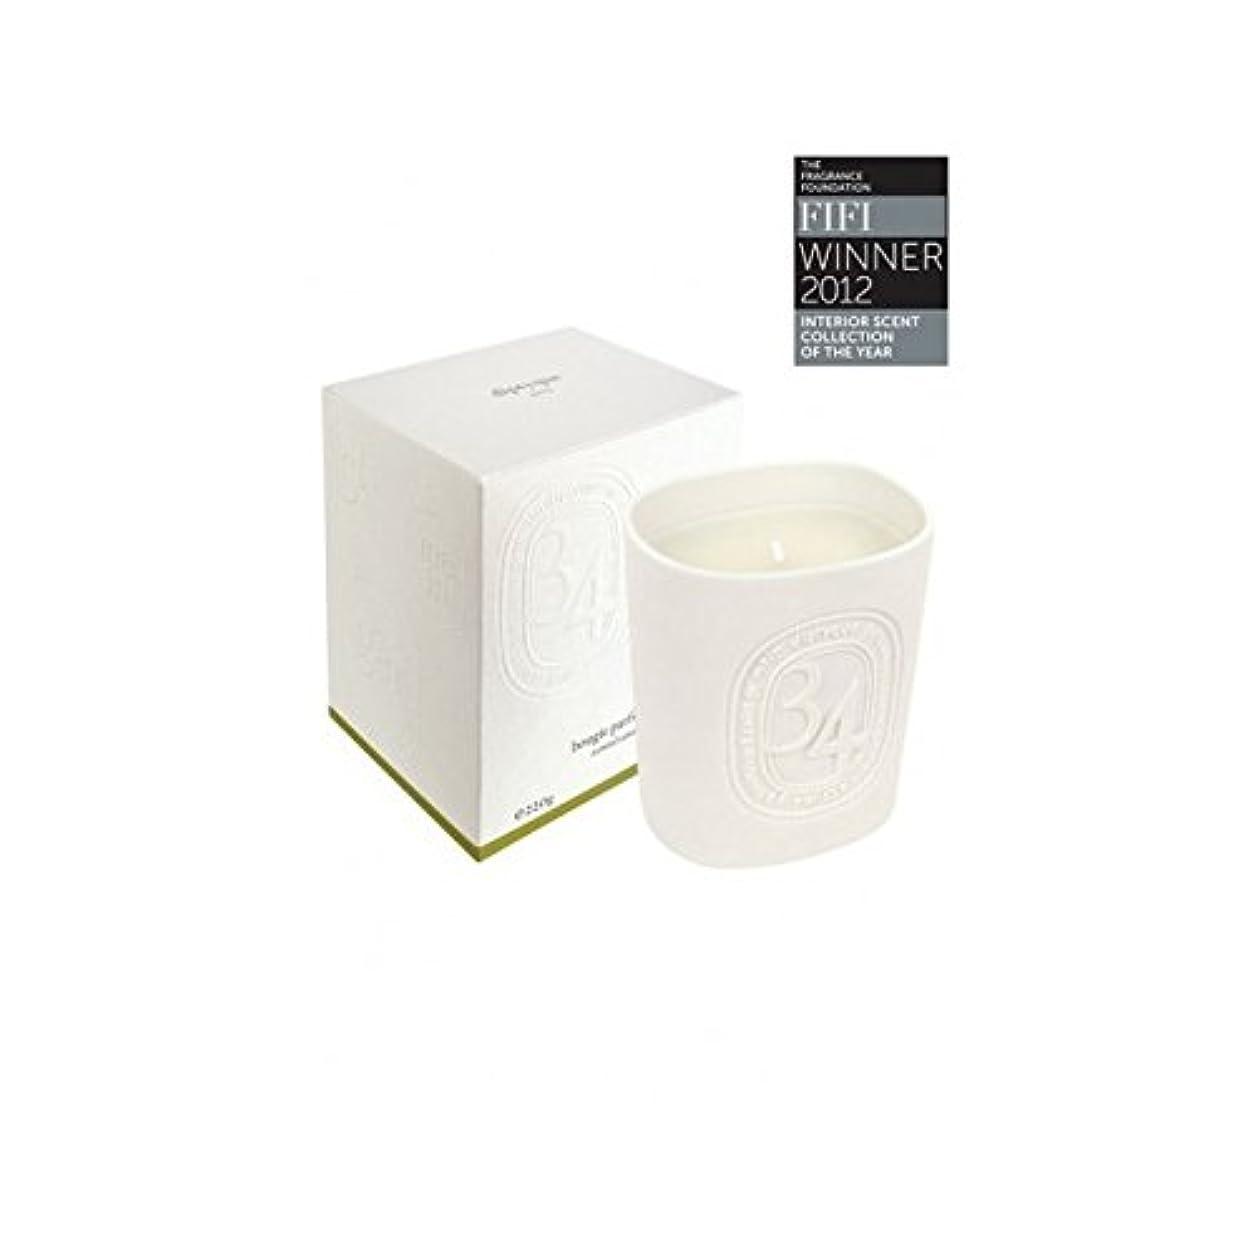 失業降臨帳面Diptyque Collection 34 Boulevard Saint Germain Candle 220g (Pack of 2) - Diptyqueコレクション34大通りサンジェルマンキャンドル220グラム...